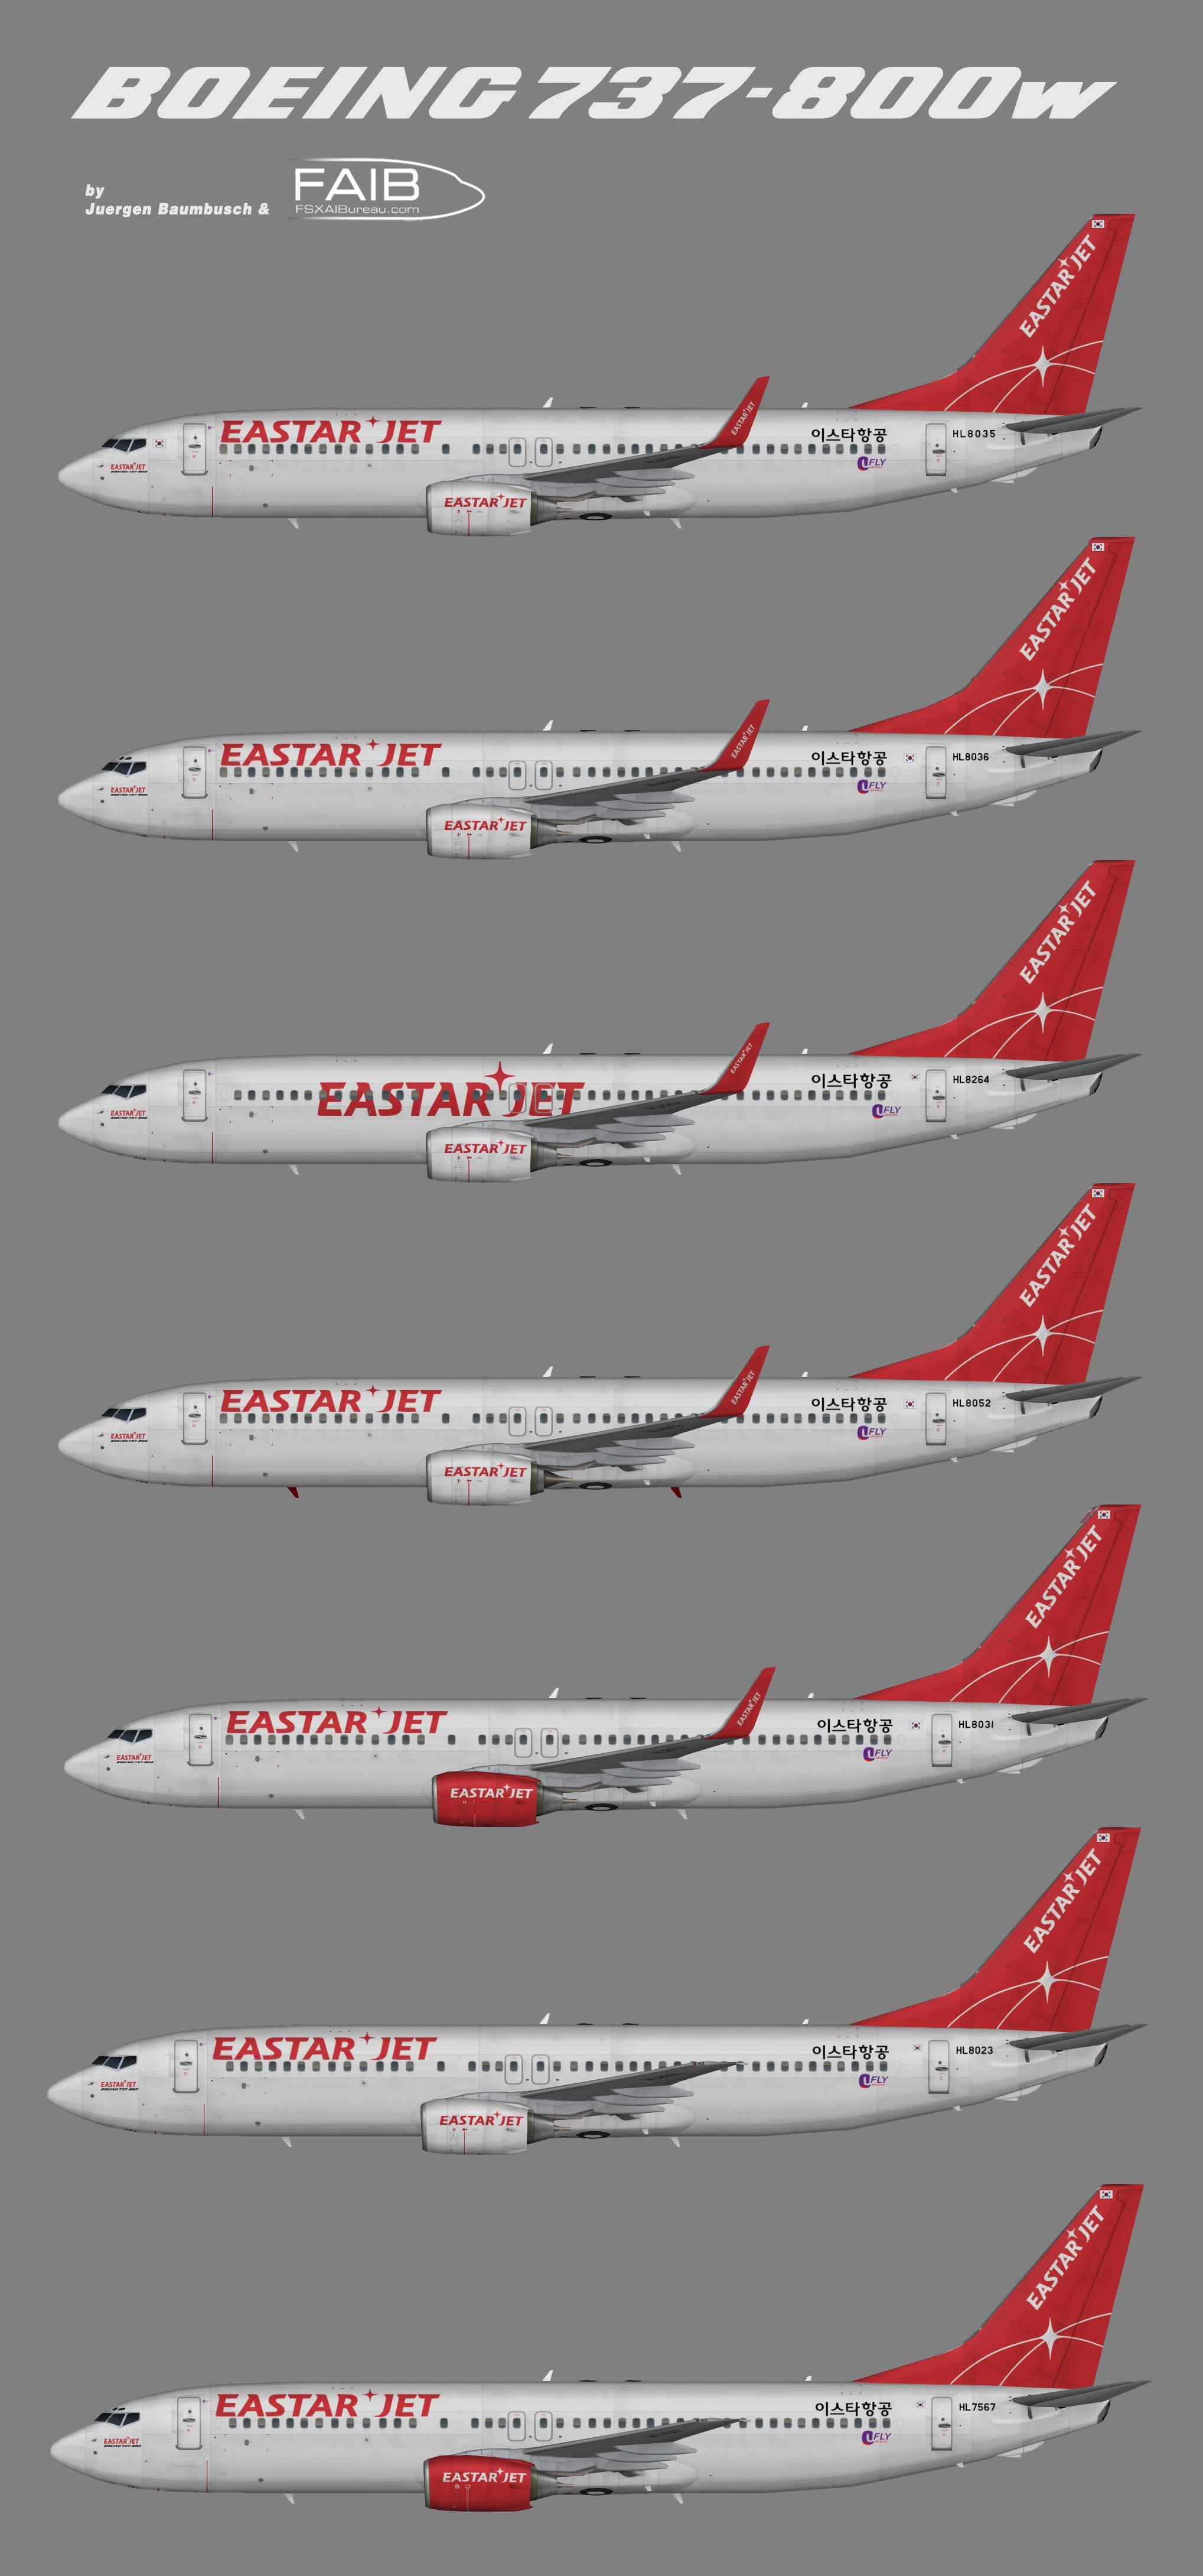 EastarJet Boeing 737-800